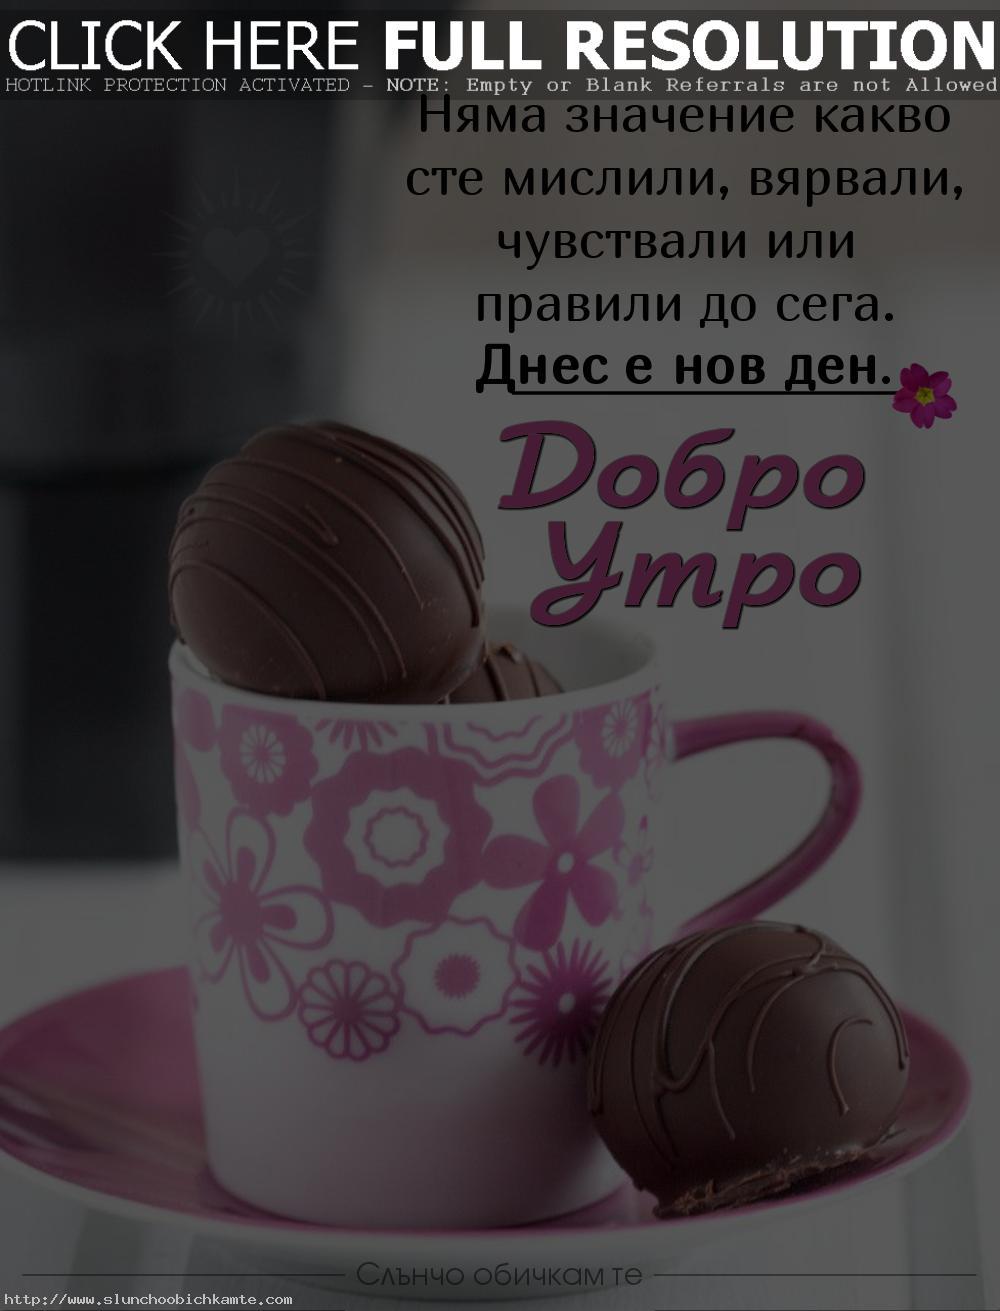 днес е нов ден, добро утро - пожелания за добро утро, добро утро и усмихнат ден, добро утро и слънчев ден, пожелания за добро утро, добро утро нов ден, добро утро кафе, добро утро бонбони, сладко добро утро, добро утро с фраза, нов ден нов късмет, сутрин утро добро позитивност, хубав ден, щастлив ден, усмихнат ден, слънчев ден